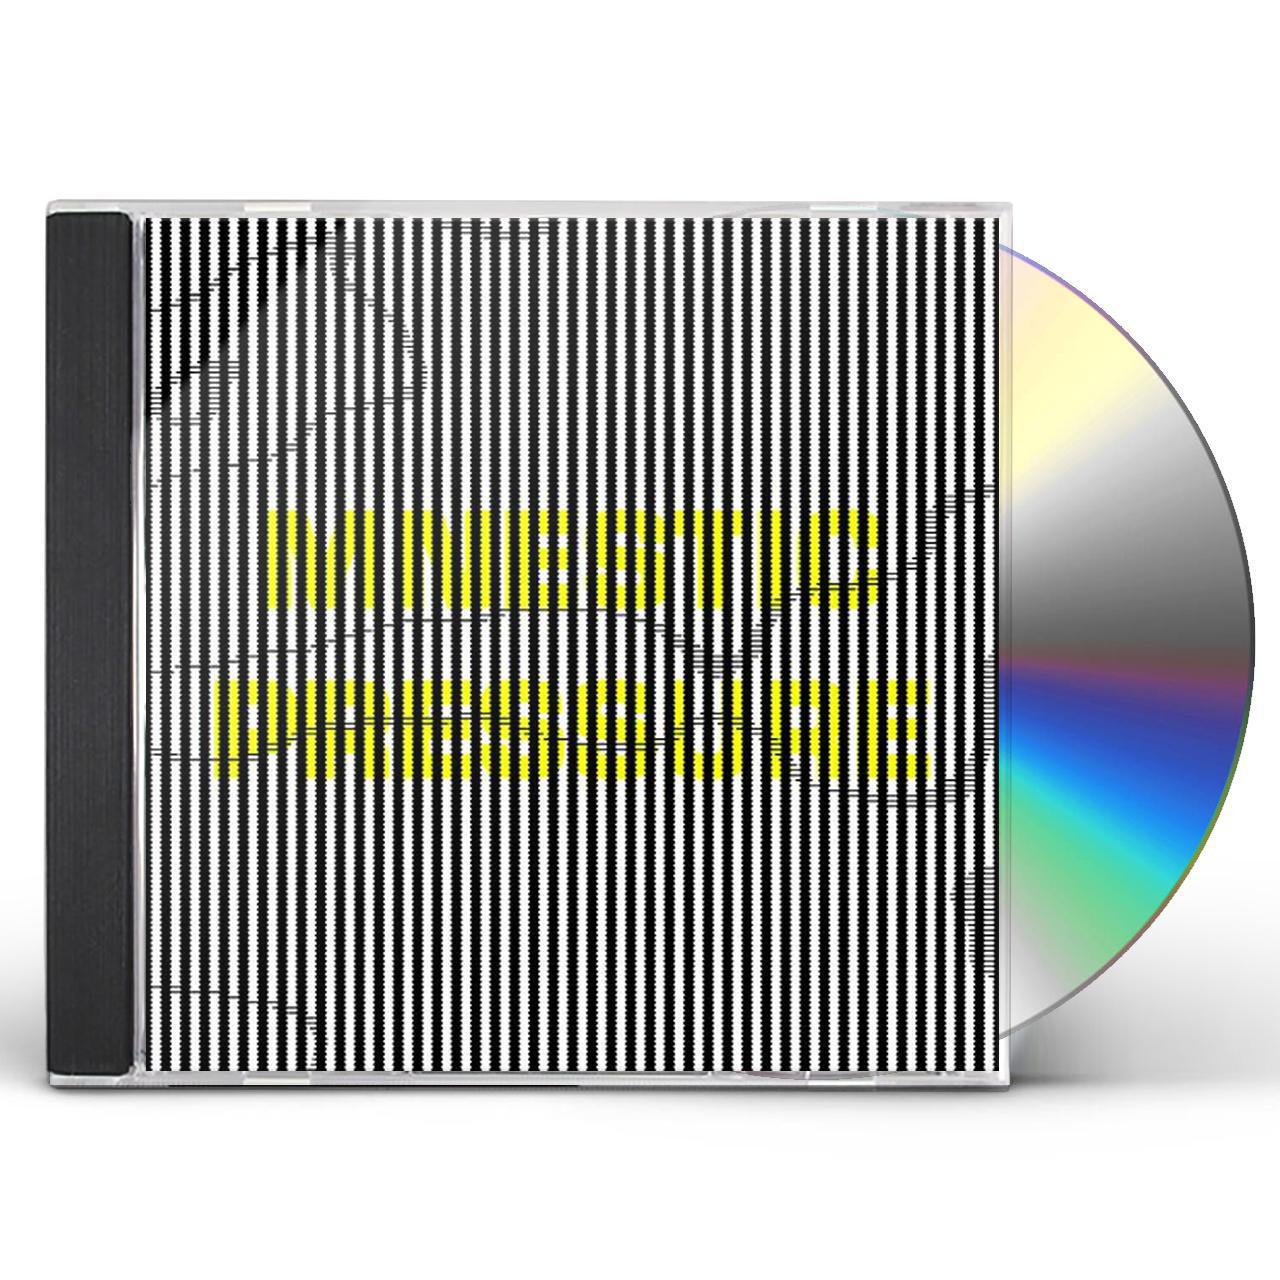 lee gamble mnestic pressure vinyl